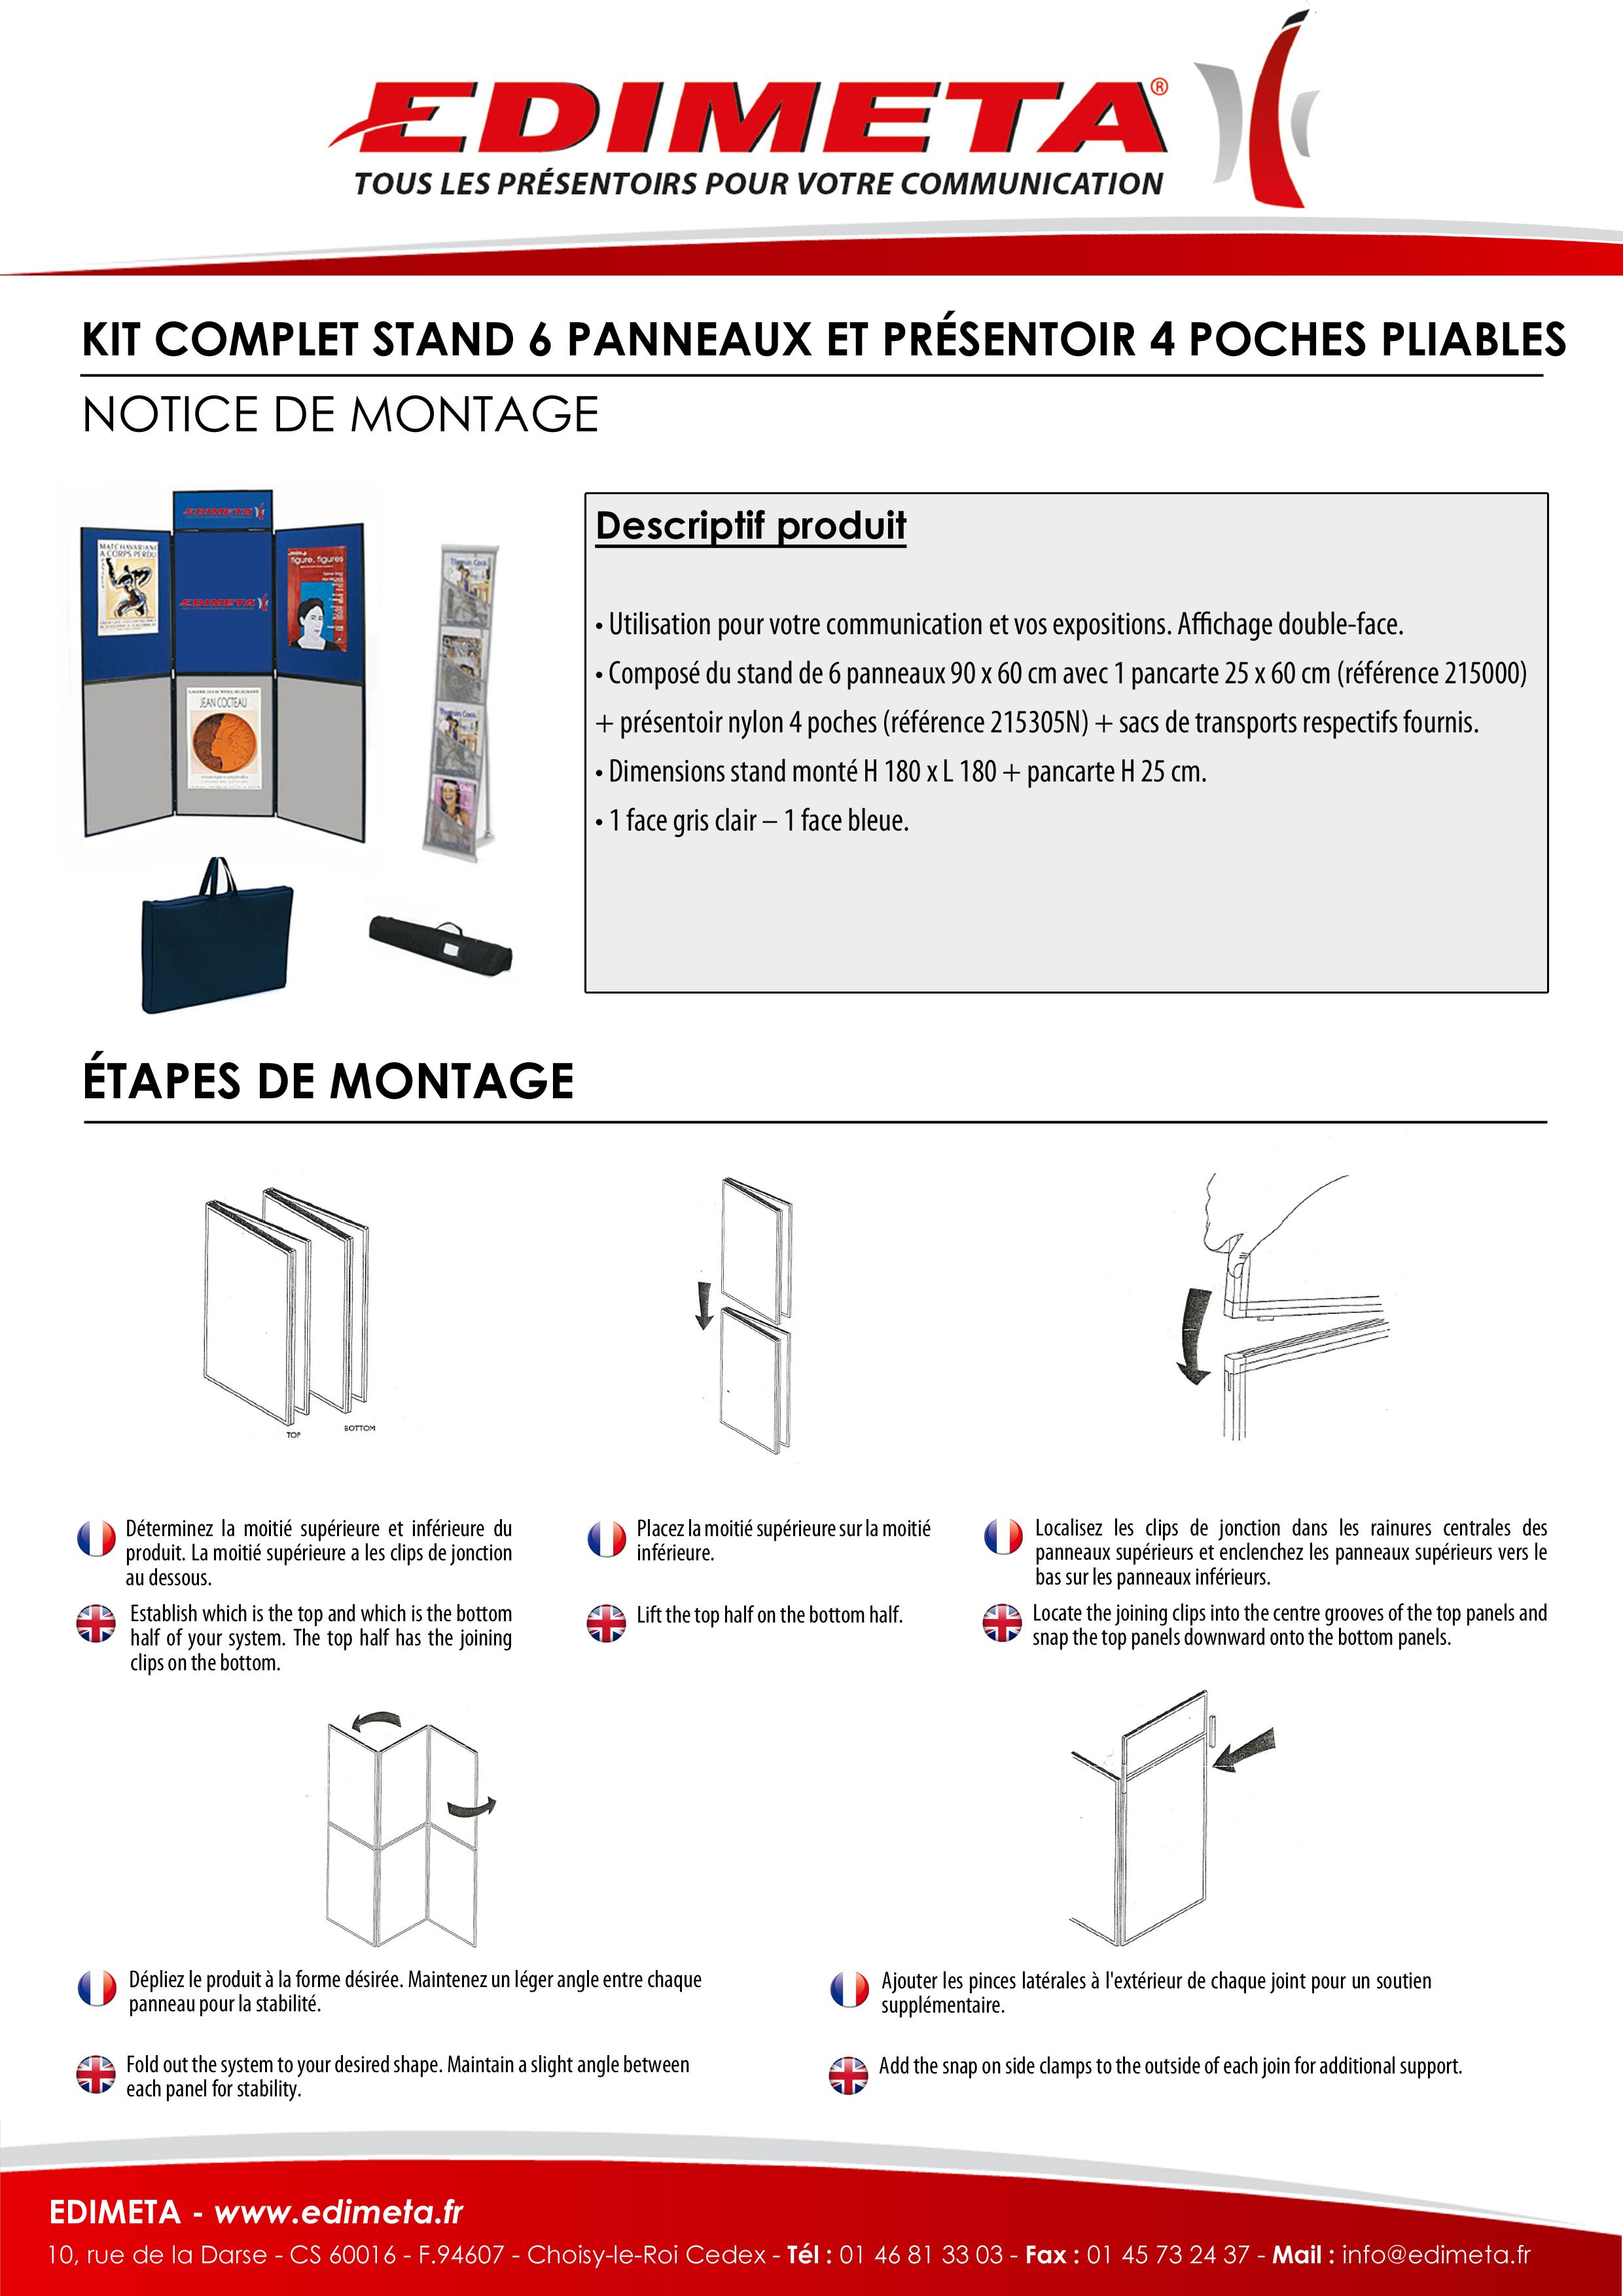 NOTICE DE MONTAGE : KIT COMPLET STAND 6 PANNEAUX ET PRÉSENTOIR 4 POCHES PLIABLES